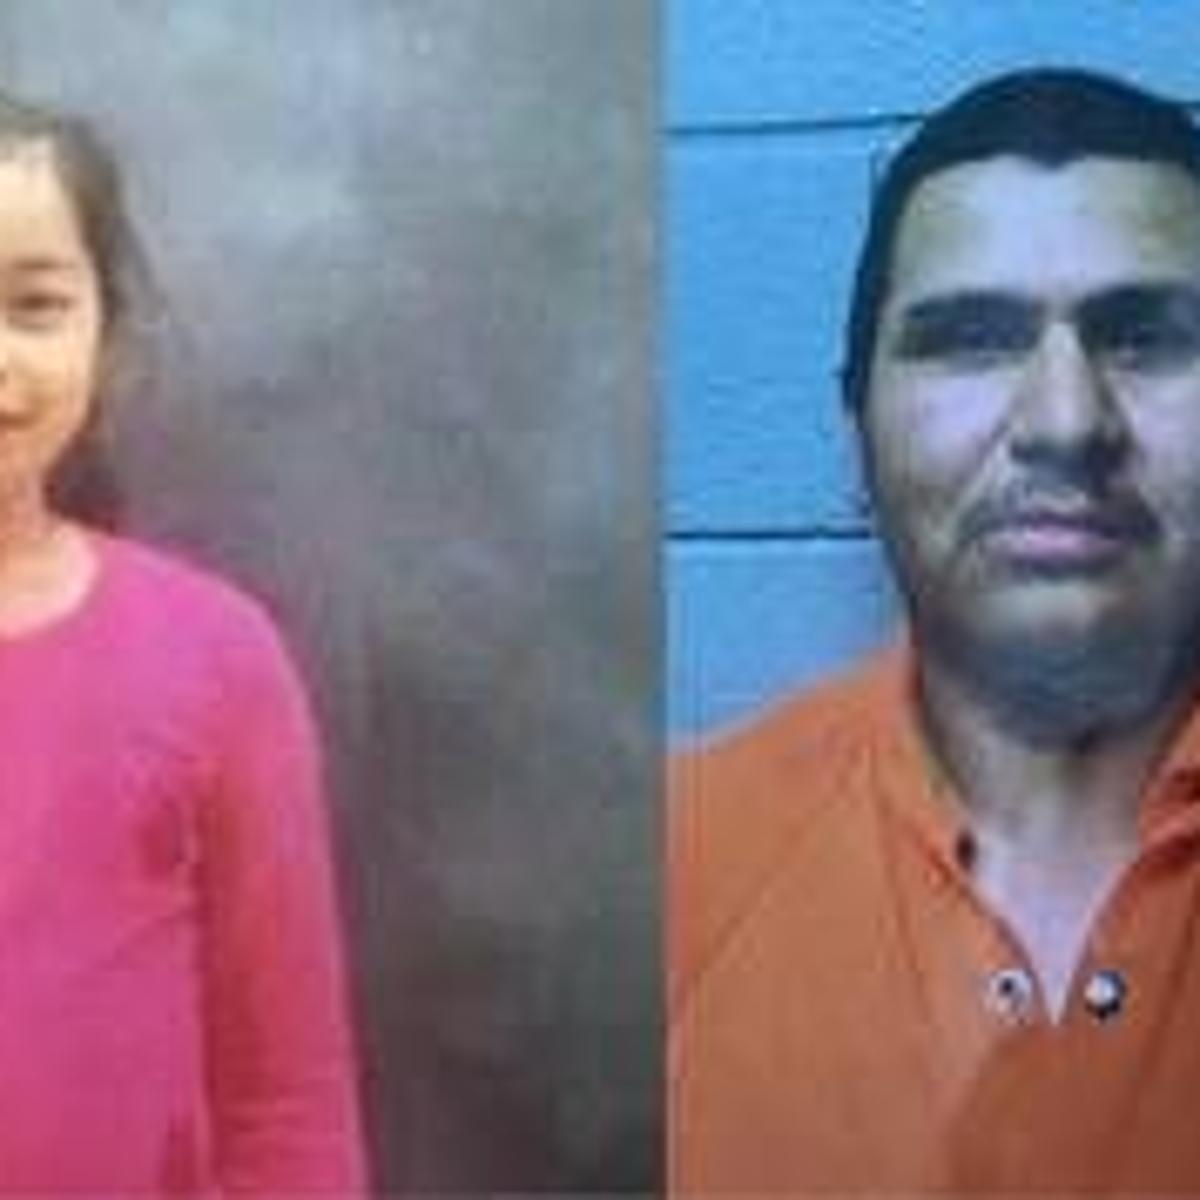 Survivor Of El Reno Machete Attack Ids Attacker Amber Alert Still In Effect For Missing Girl Crime News Tulsaworld Com